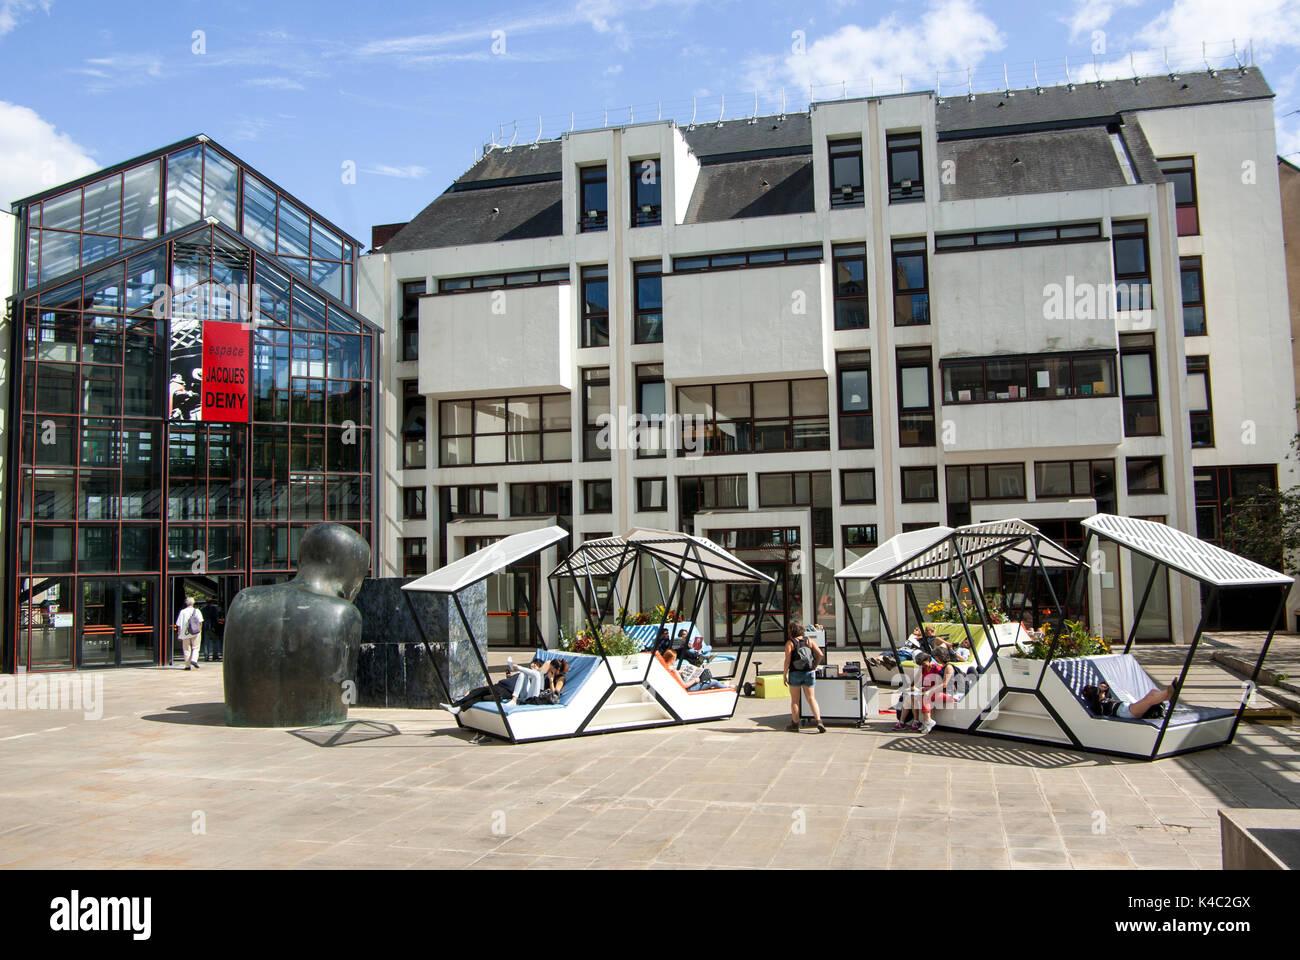 Médiathèque Jacques Demy Nantes Pays De La Loire France Stock Photo Alamy